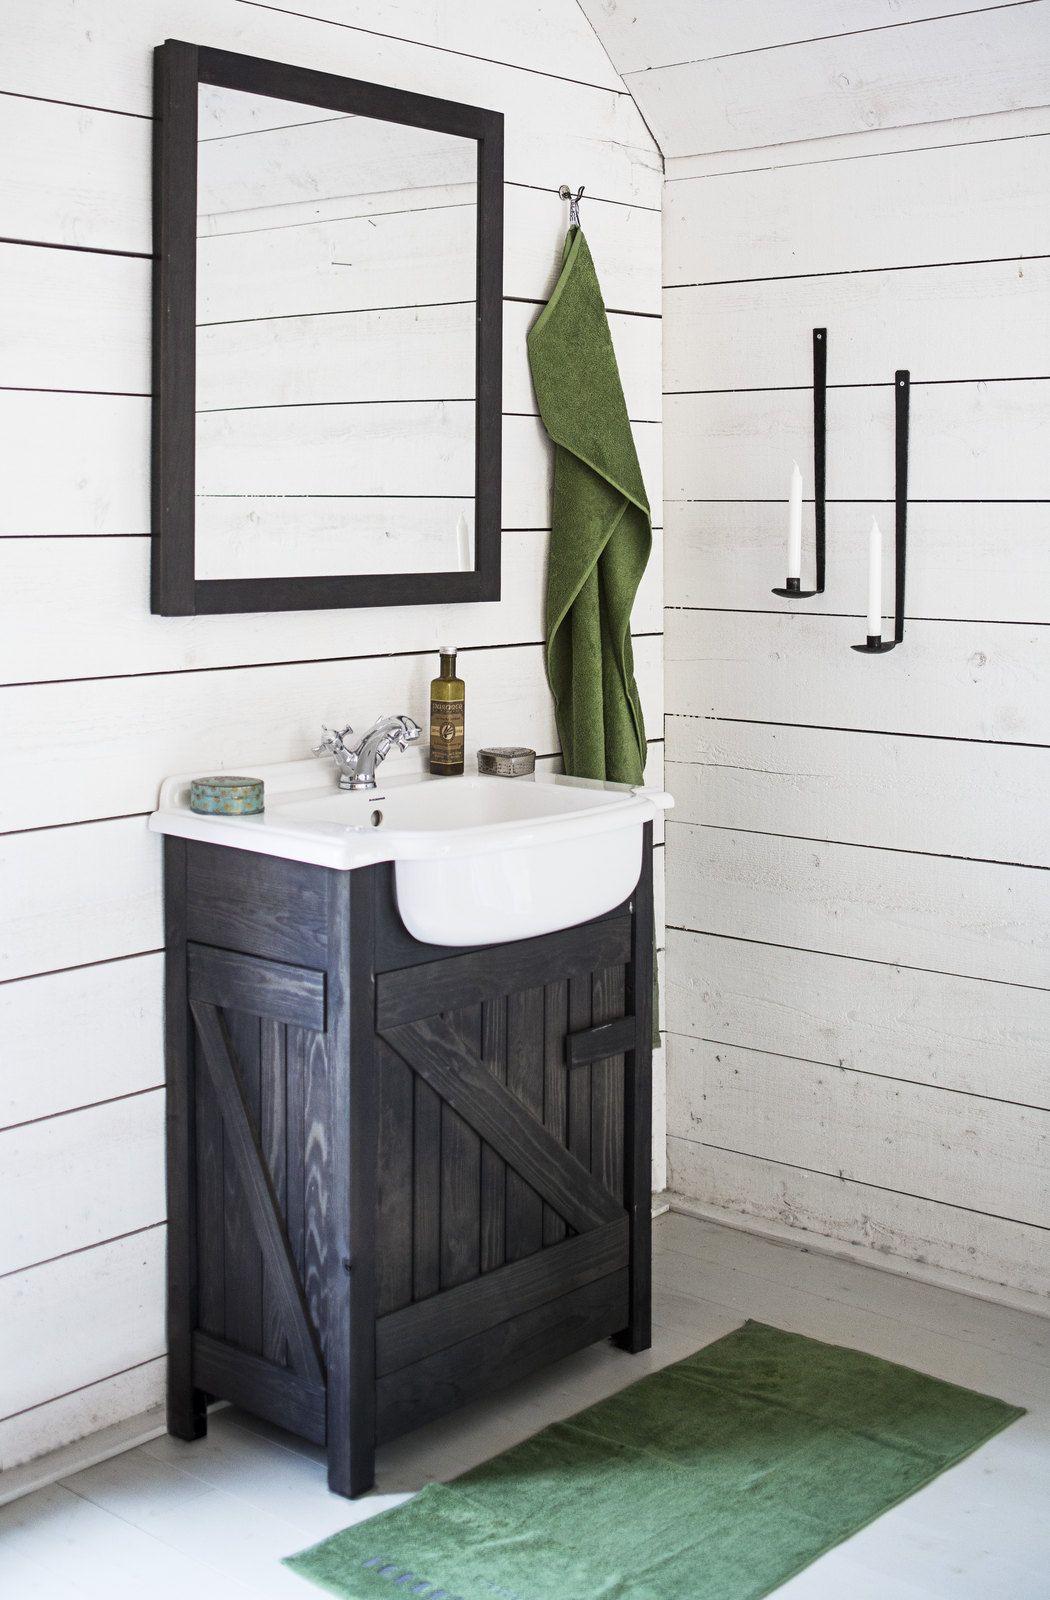 Kylpyhuonekalusteet tulvillaan rustiikkia flirttiä! - Bathroom ...